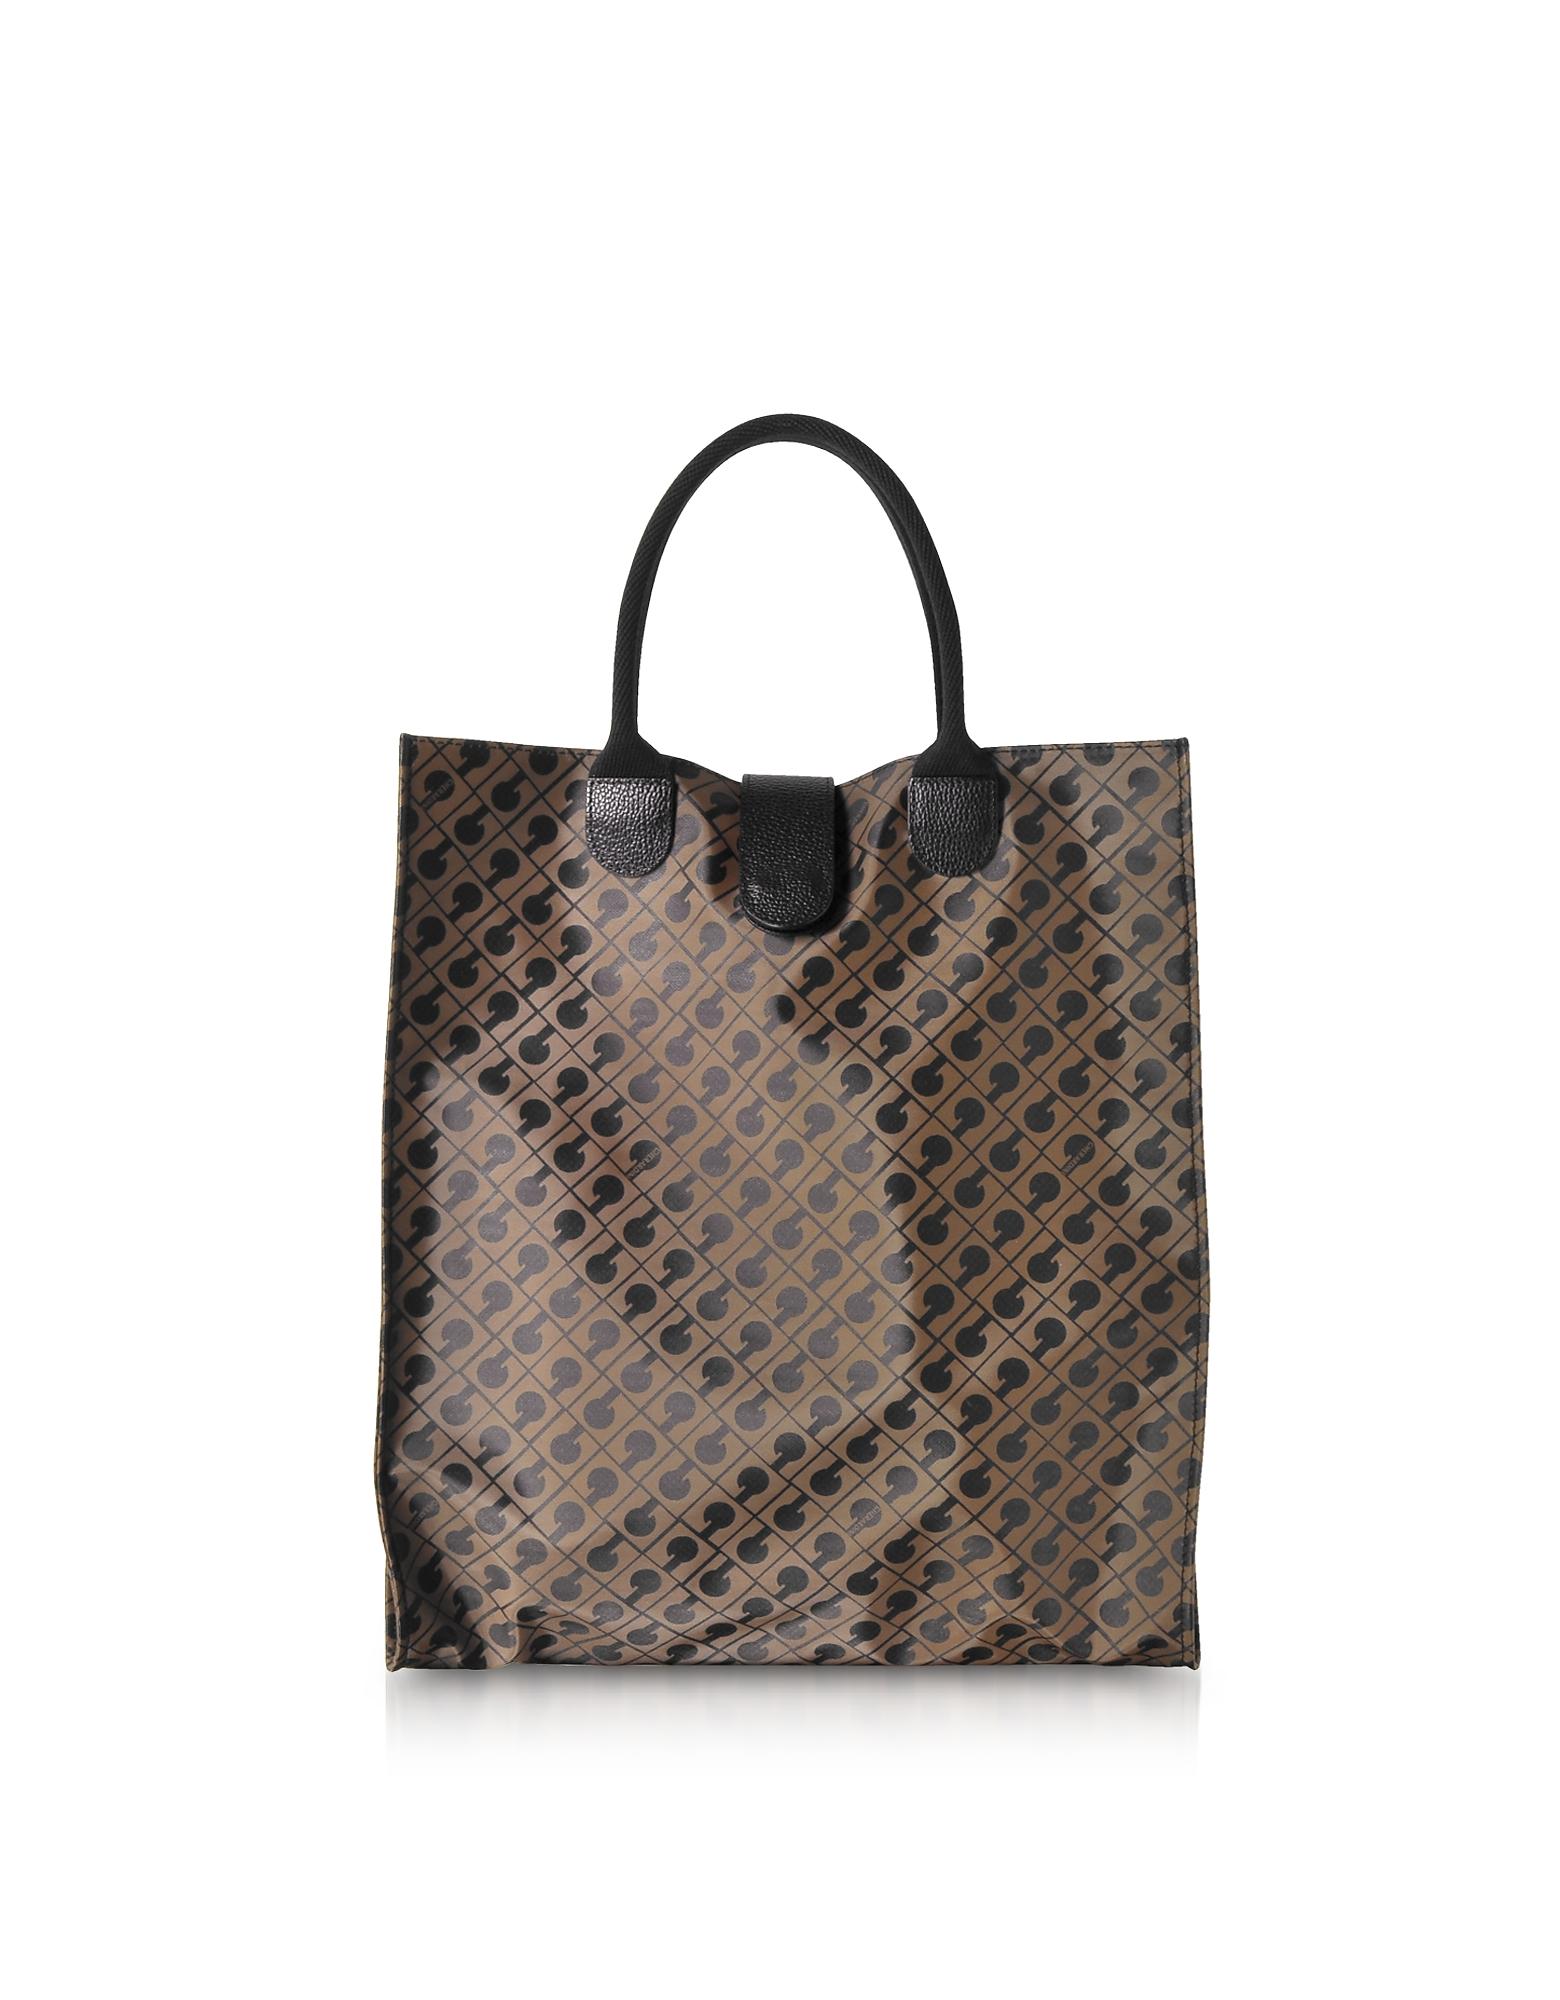 Gherardini Handbags, Signature Coated Canvas Softy Foldable Tote Bag